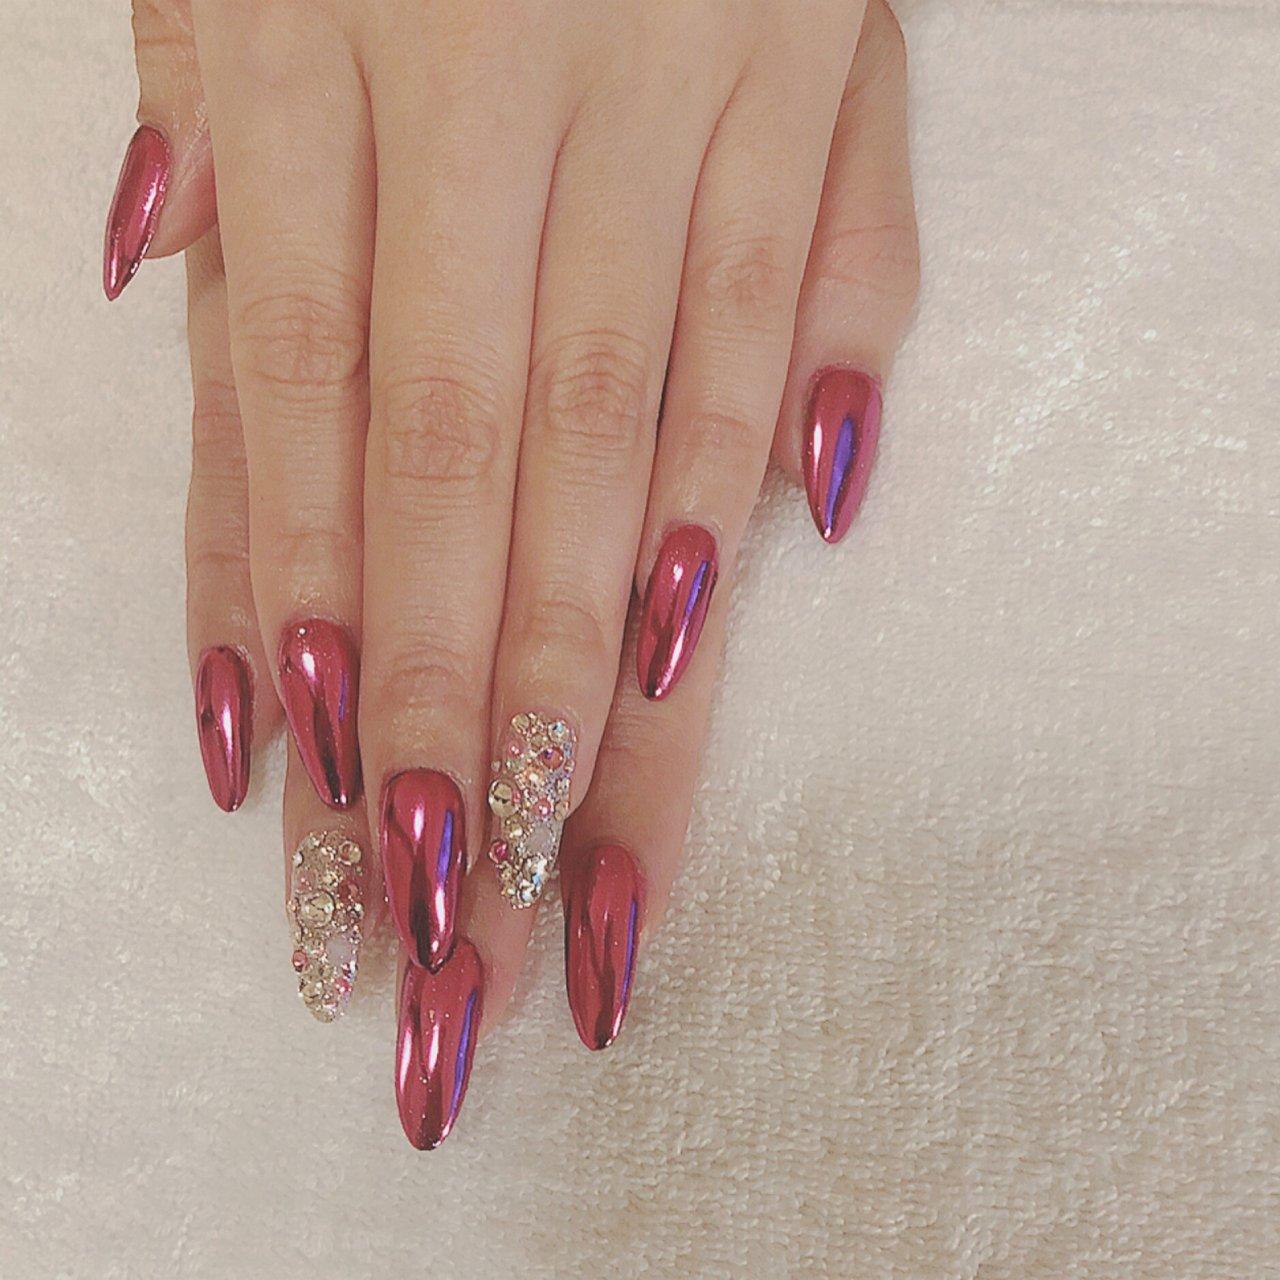 ピンクミラー💅🏼 #ピンク #ピンクミラーネイル #ミラー #オールシーズン #パーティー #デート #女子会 #ハンド #ワンカラー #ミラー #ロング #ピンク #シルバー #ジェル #お客様 #爪~SOSHINE~【ツメ ソウシャイン】 #ネイルブック